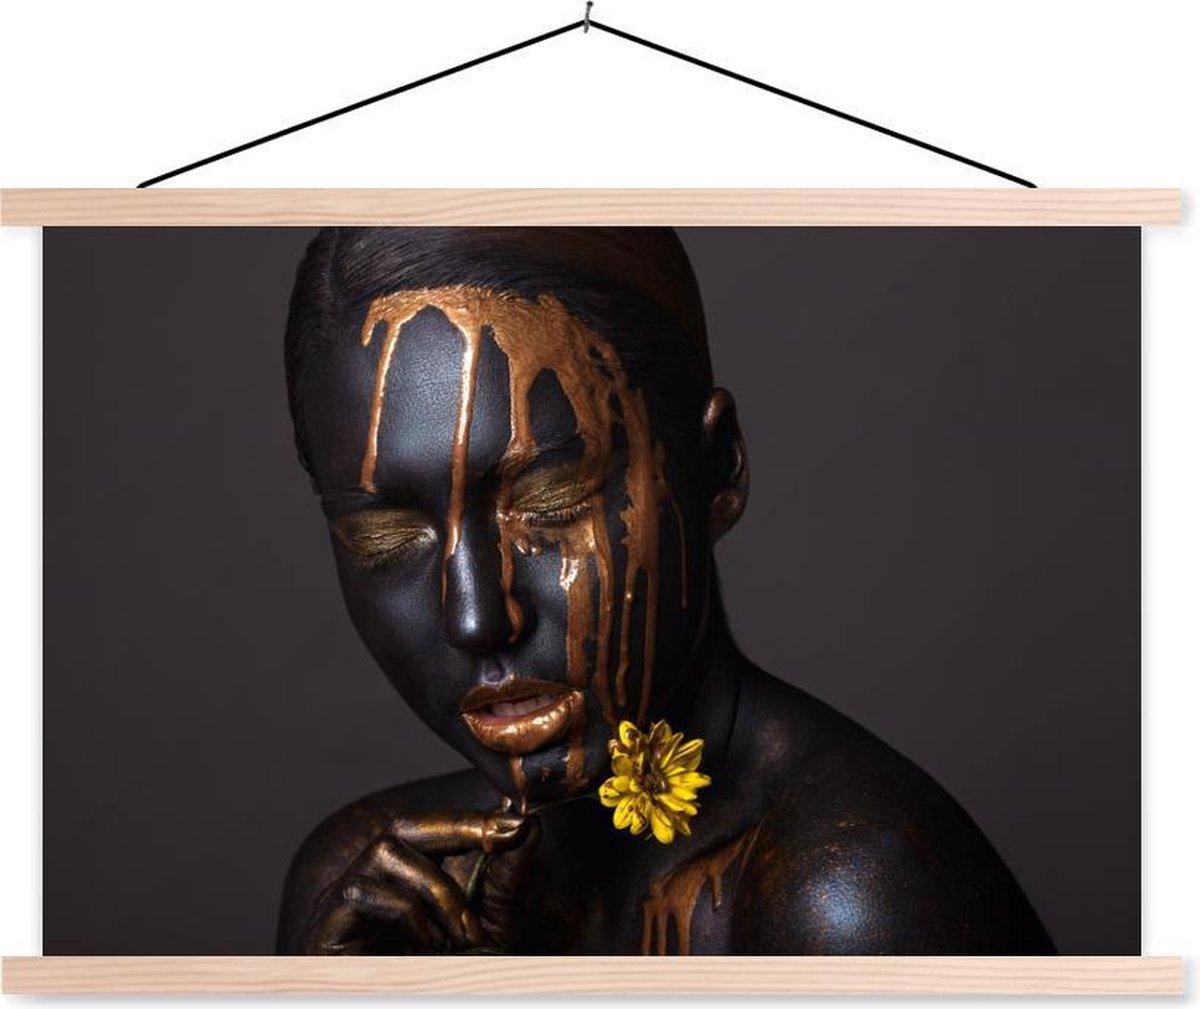 Een unieke afbeelding van een vrouw met make-up met gouden tinten. De vrouw draagt glanzende lippenstift. Het portret is gemakkelijk te combineren door de kleuren zwart en goud.